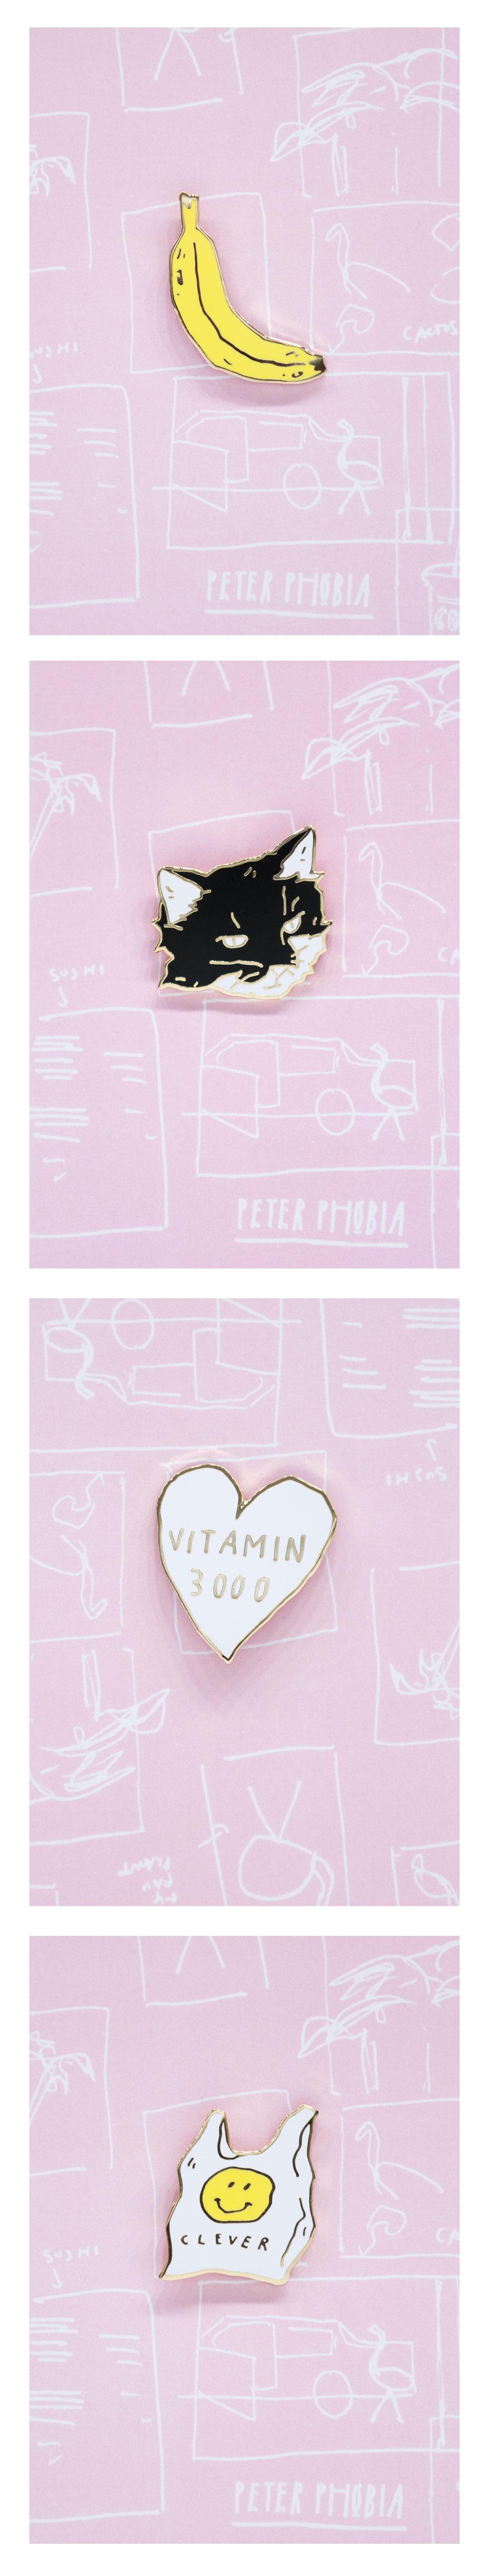 PETER PHOBIA PIN SET